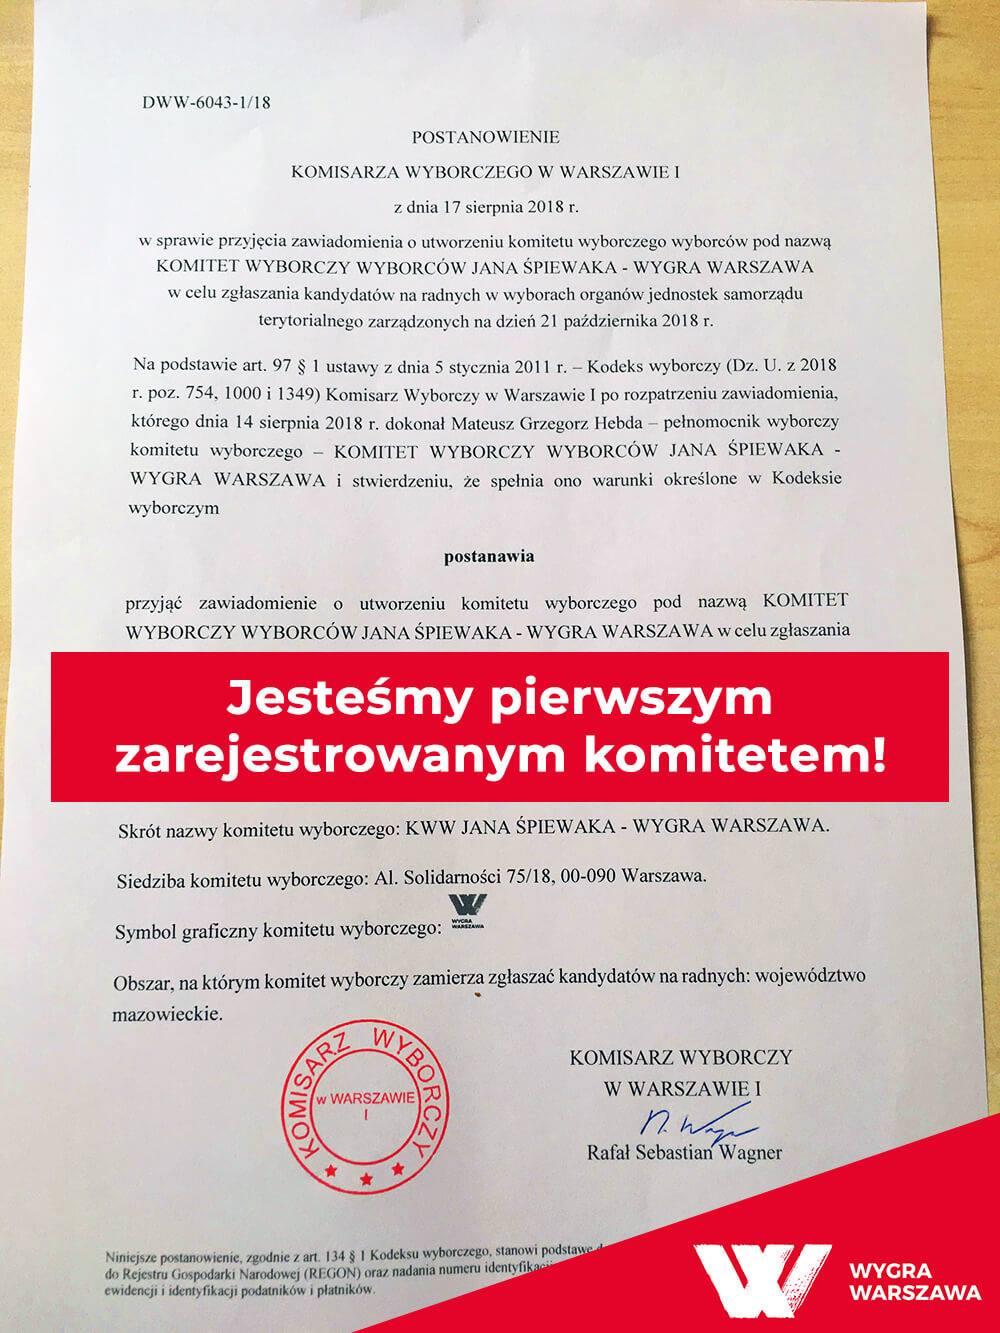 Już nie ma odwrotu. Stajemy w szranki z PiS i PO. Jako Wygra Warszawa chcemy pokazać, że o miasto mogą dbać ludzie, którzy widzą nie interes partyjny, ale interes mieszkańców.